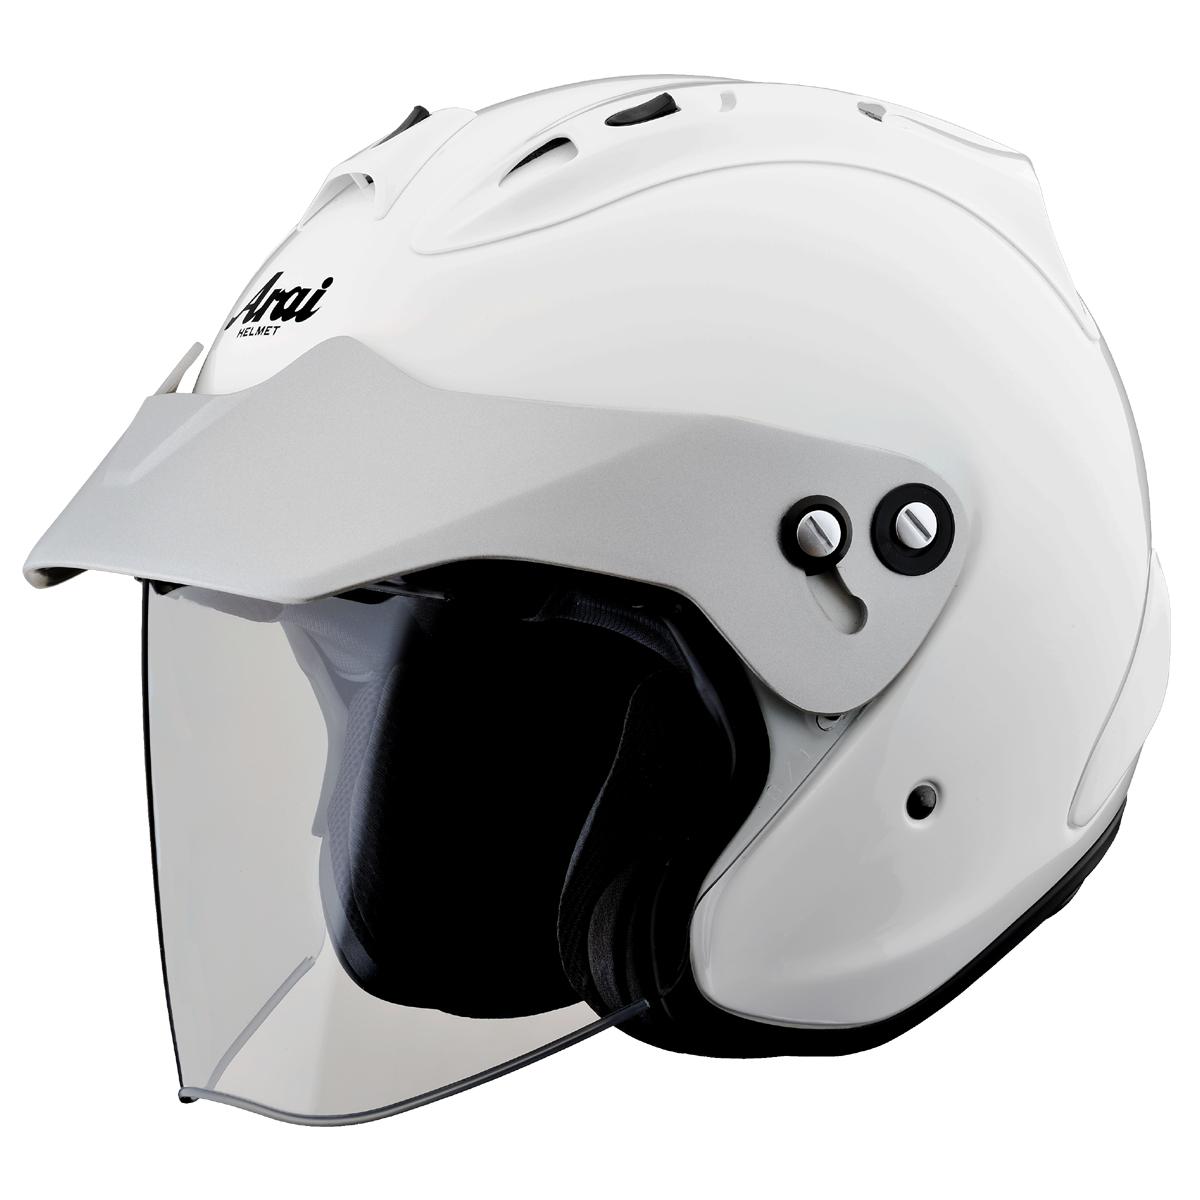 SZ-RAM4 UPタウン ホワイト 55~56cm ジェットヘルメット ARAI(アライ)